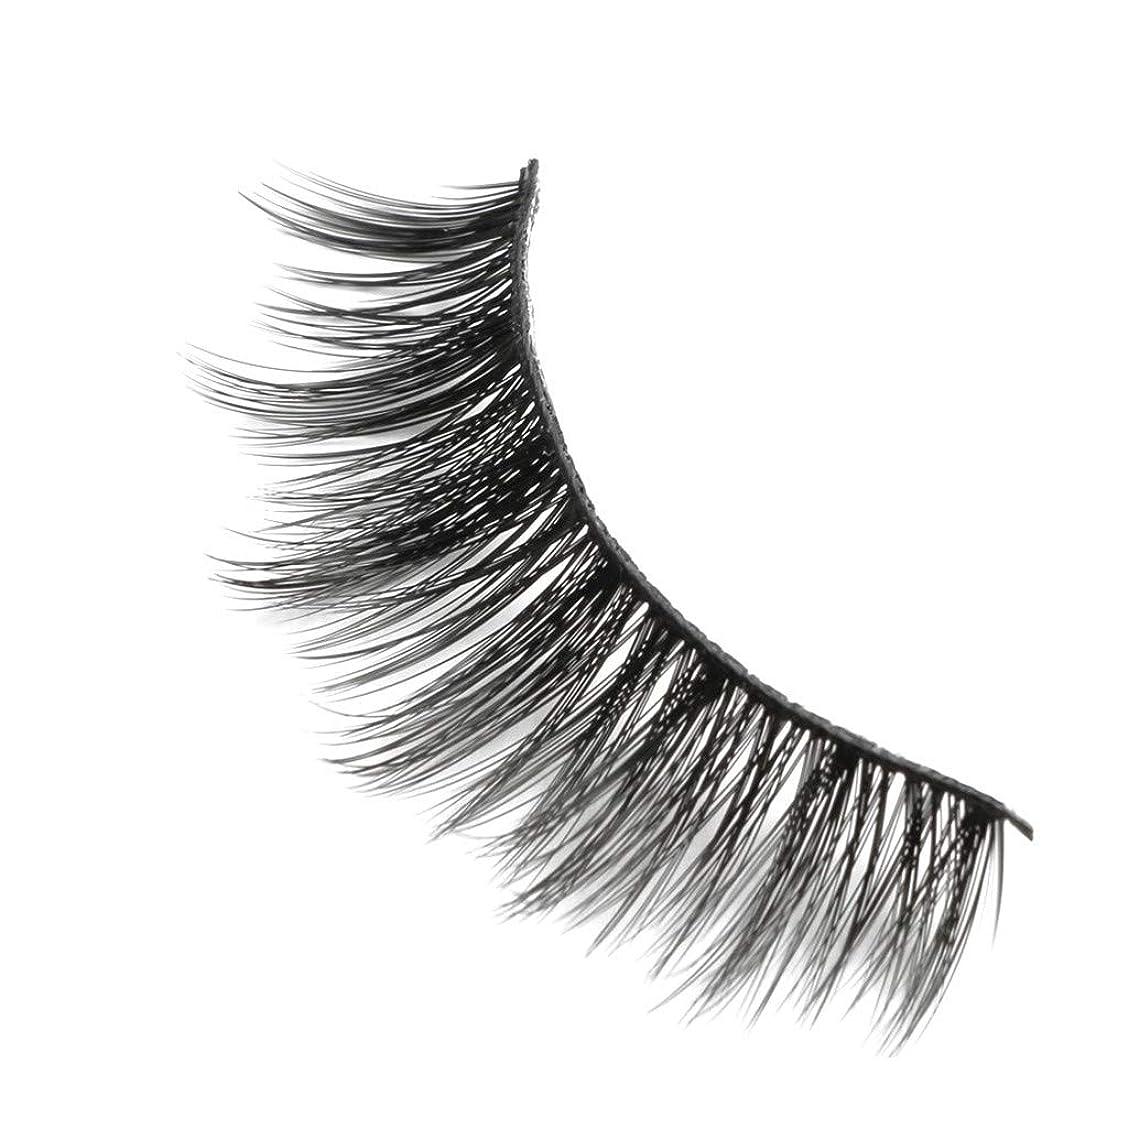 外科医トーナメント年齢Posmant 10ペア 新製品 人気 ロータスプレート 3D ミンクの髪 つけまつげ 睫毛 化粧品 美しさ 眼 つけまつげ ファッション レディースファッション プラスチック ブラック テリア 長続きがする化粧 防水 魅力的な 柔らかい髪 長いまつげ